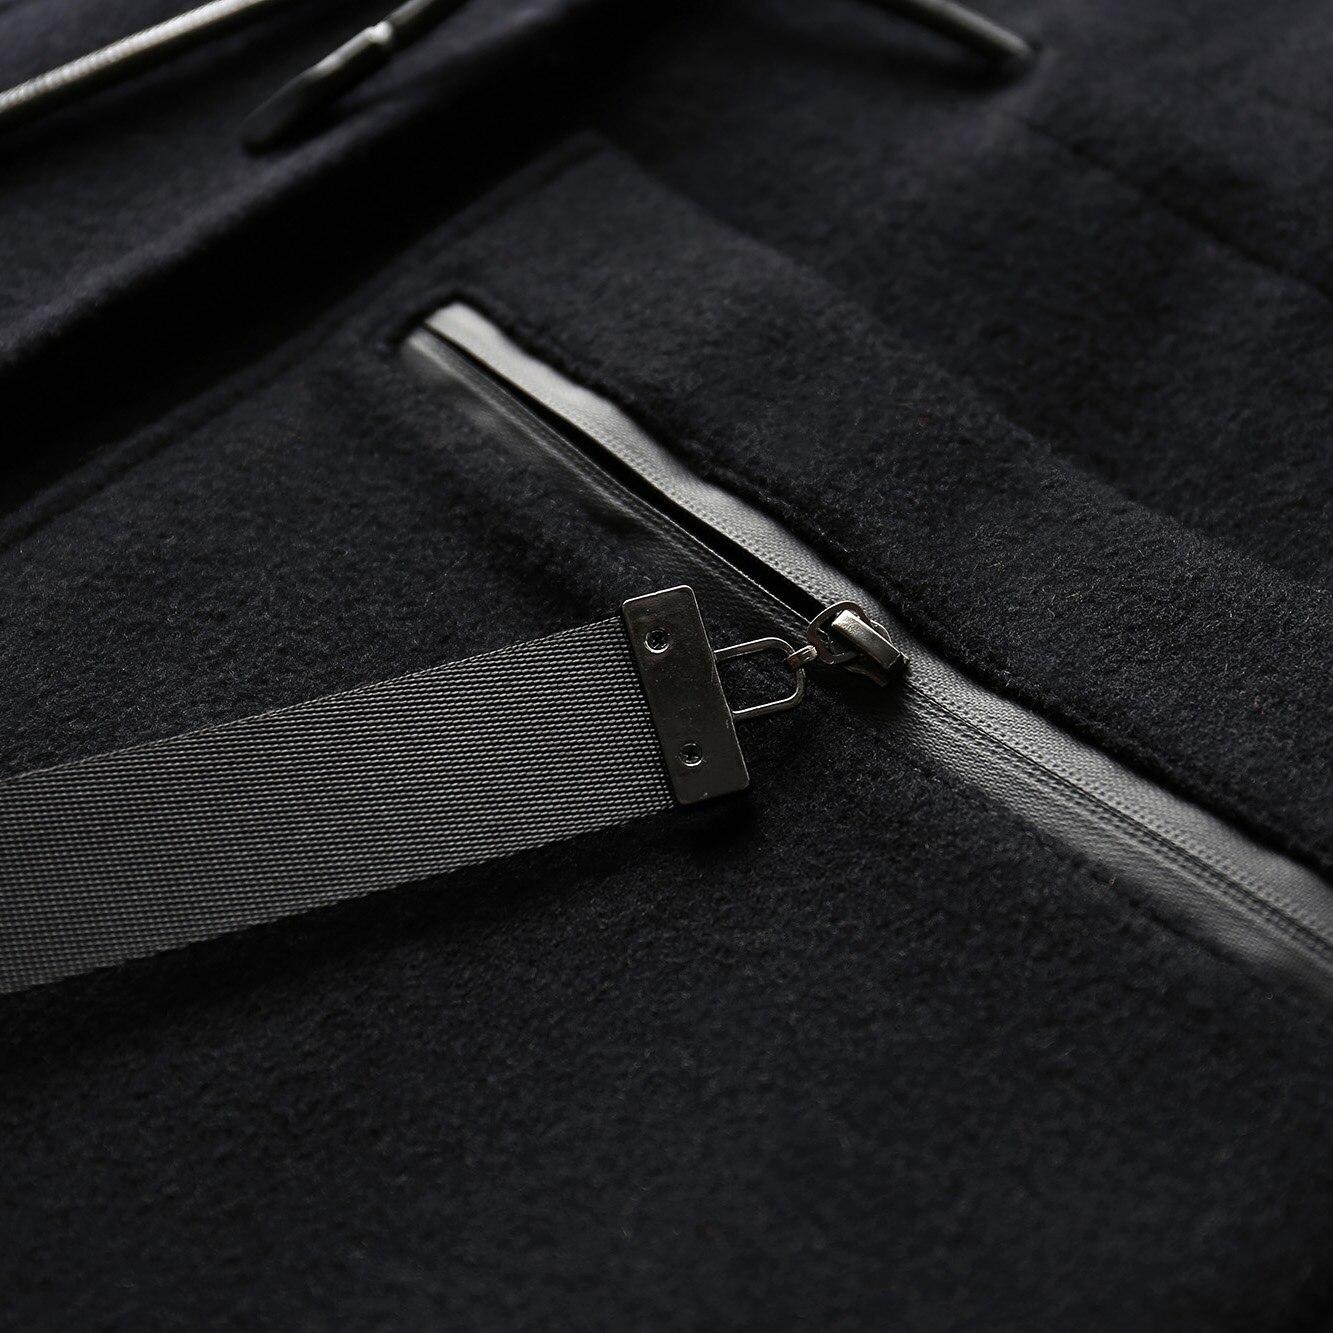 Fermeture Long Solide Nouveau Wool Causal À Femmes Femme D'hiver Green Coat Amii Capuchon Black Côté 2018 Éclair Manteau Coat Minimaliste Lâche army Fente Laine Poches RxRv6U8z